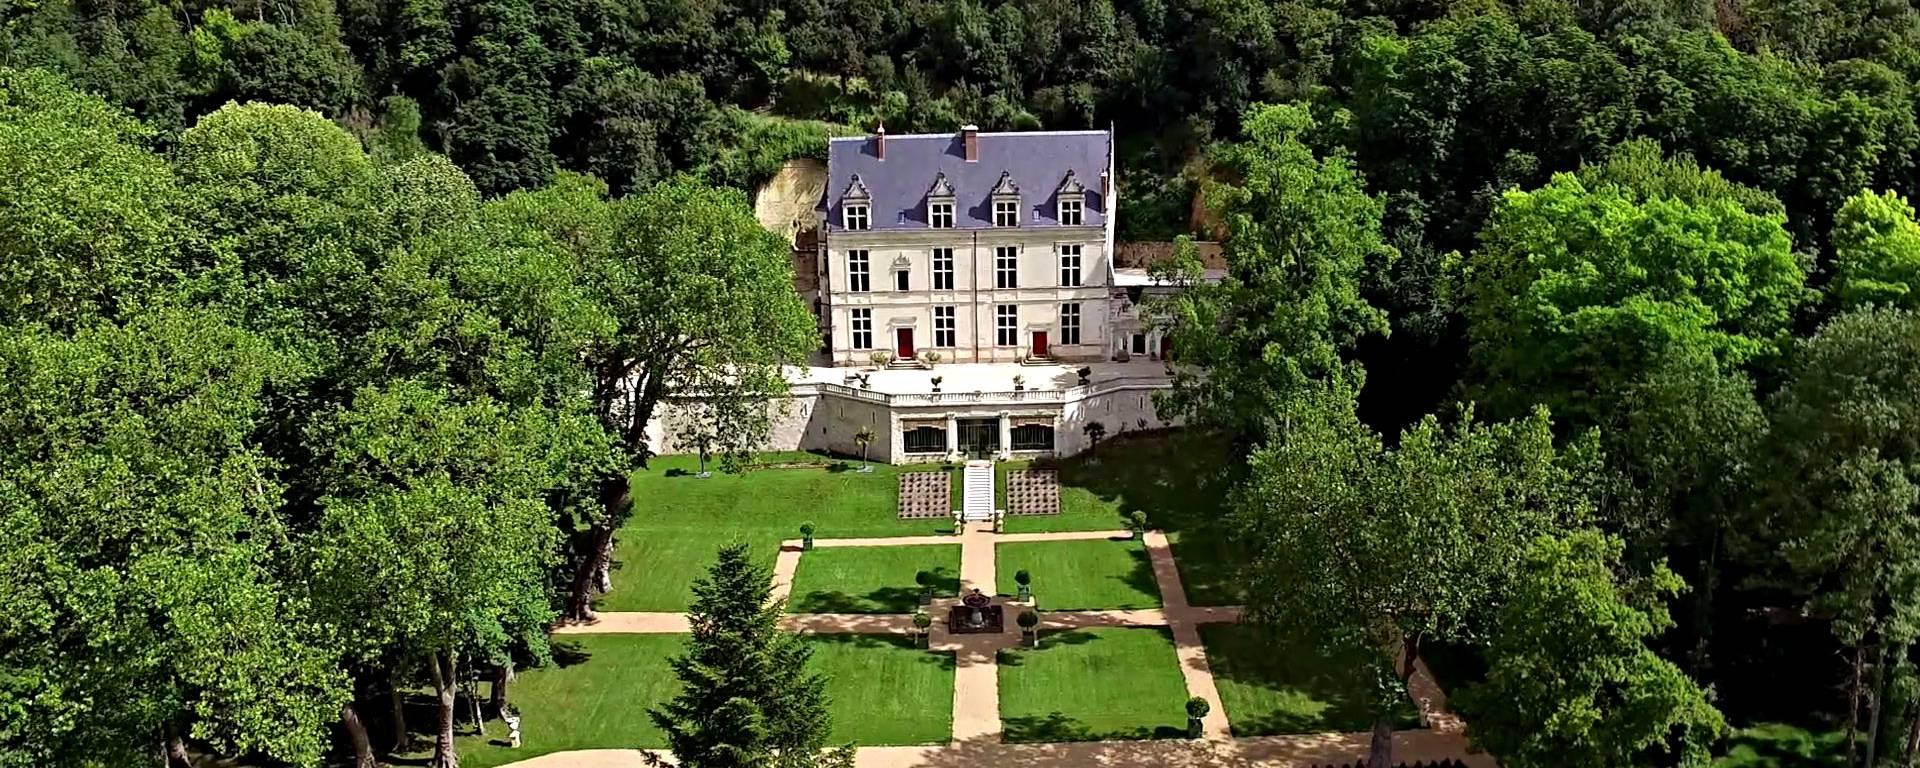 Luftansicht von Château Gaillard  © OTBC